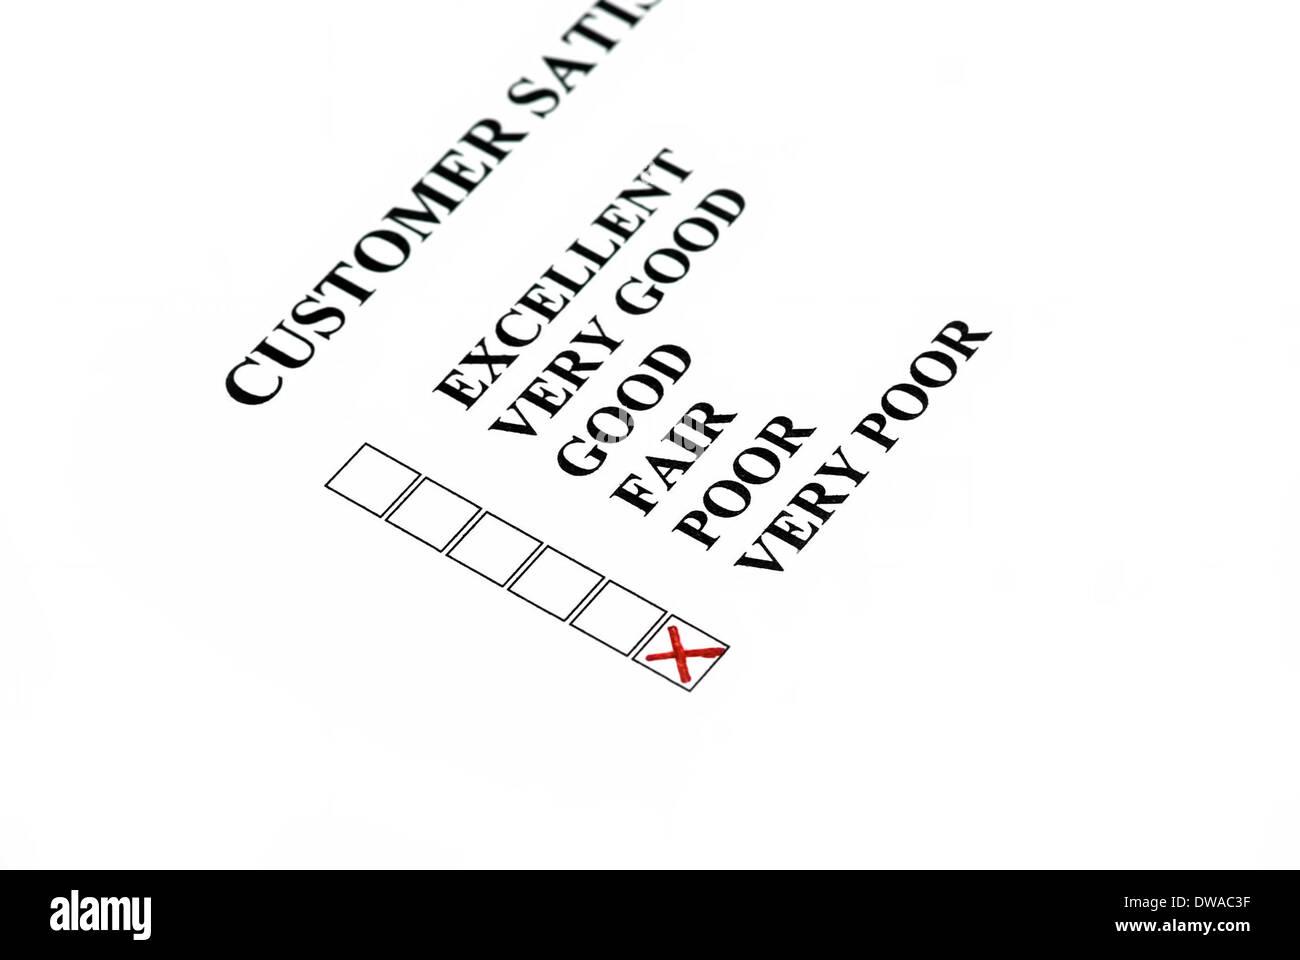 Soddisfazione del cliente: il cliente ha scelto è molto scarsa. Foto Stock